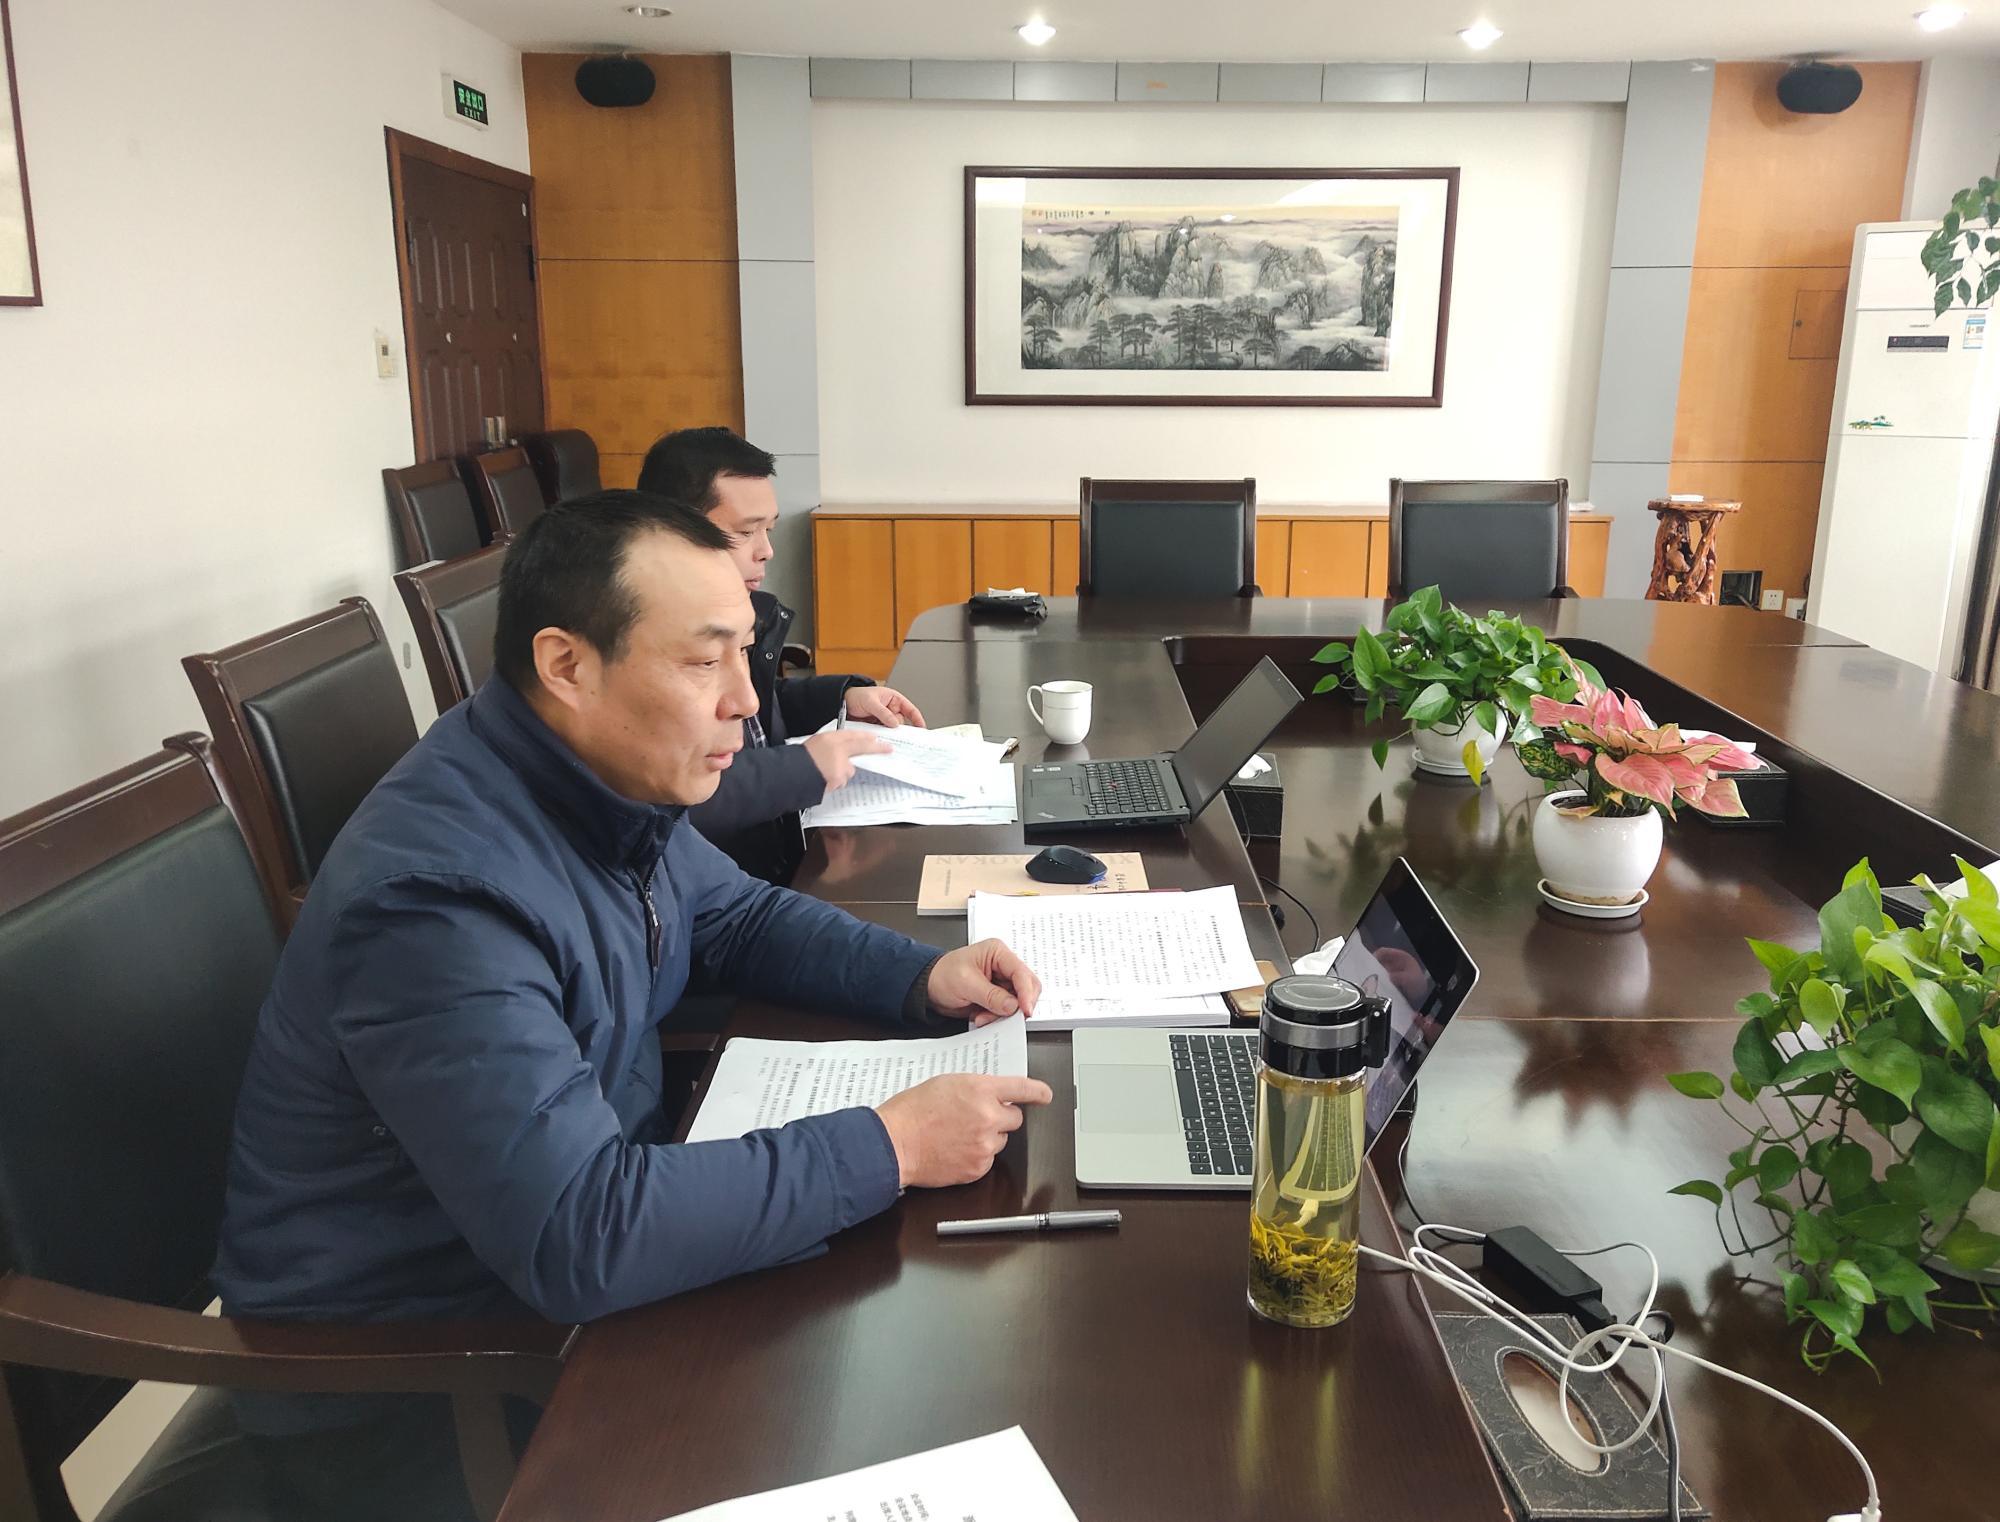 学校召开专题党委会研究部署疫情防控工作